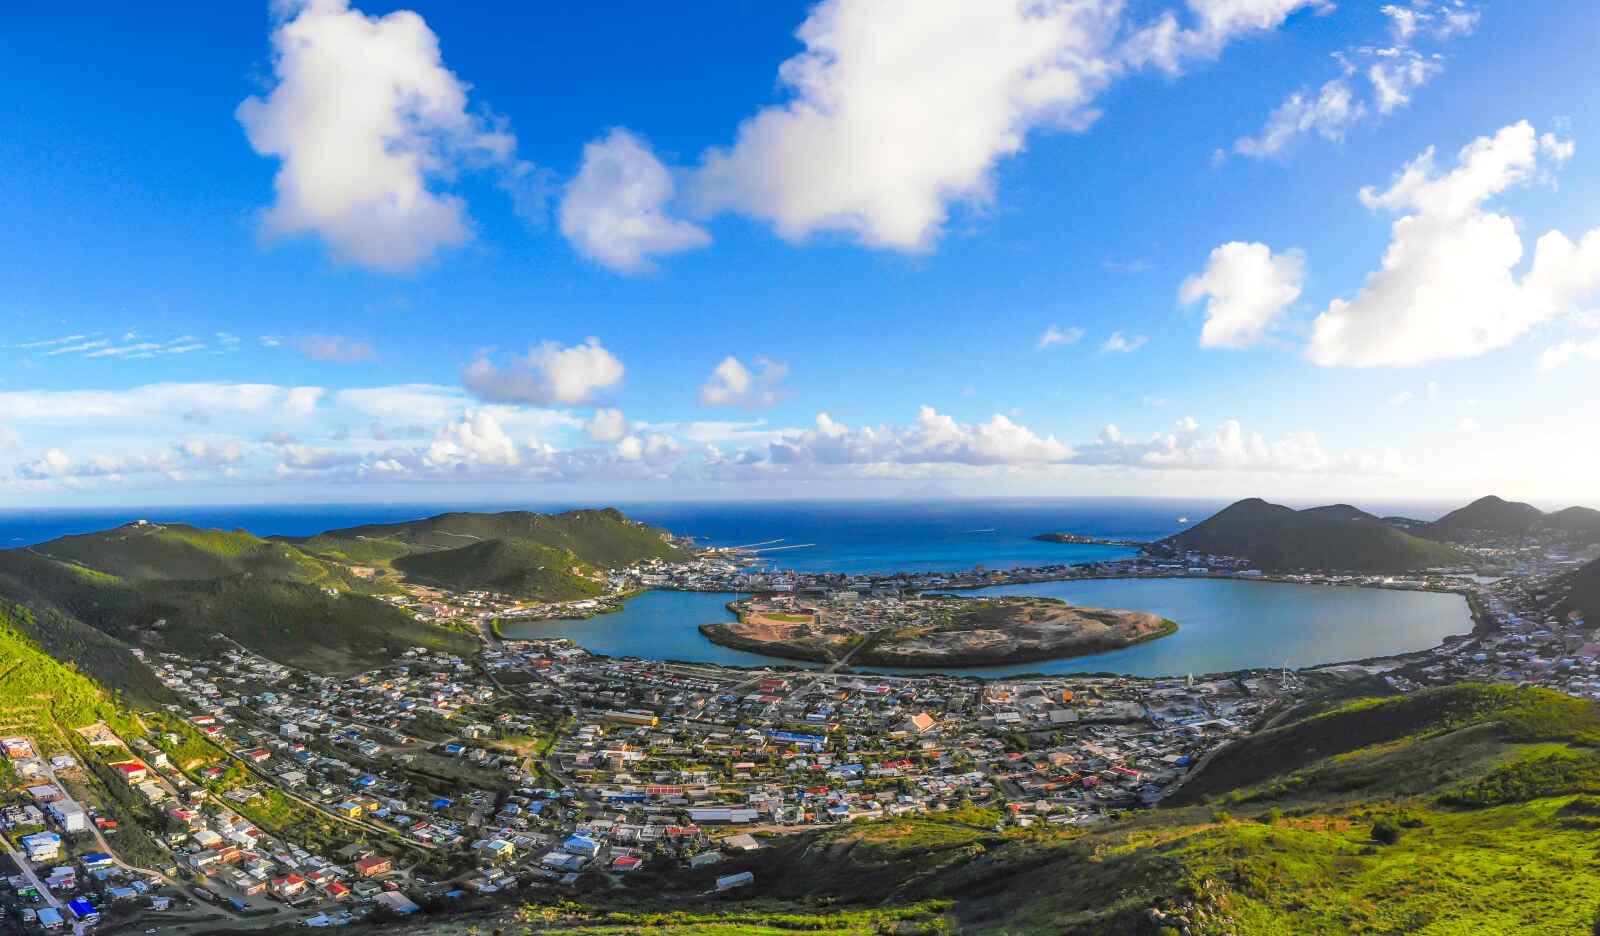 Antilles : Découverte des Antilles (Îles au Trésor)